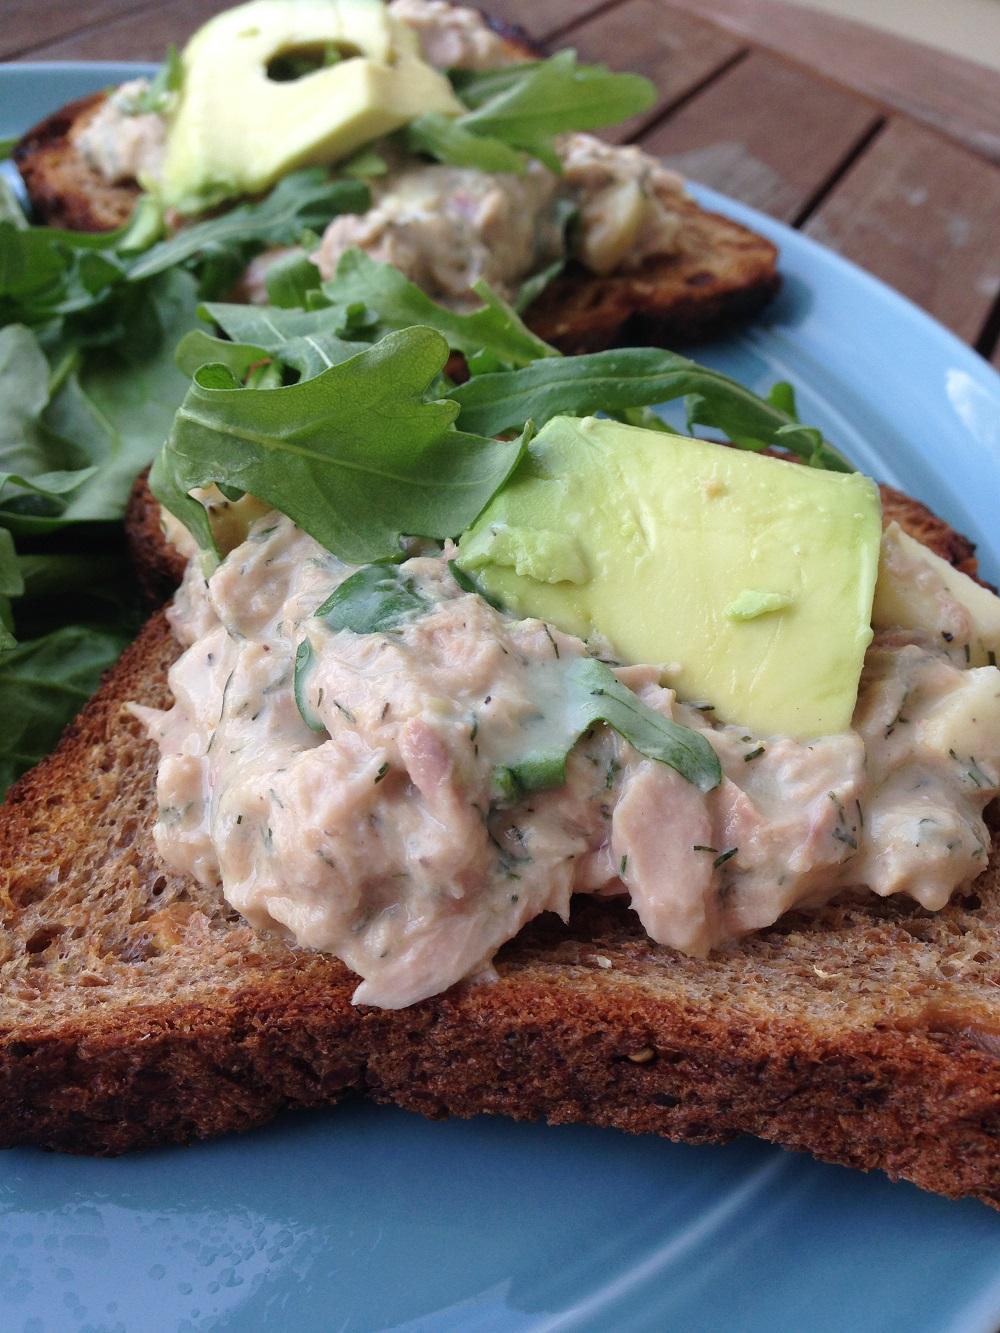 tuna on wheat toast on blue plate